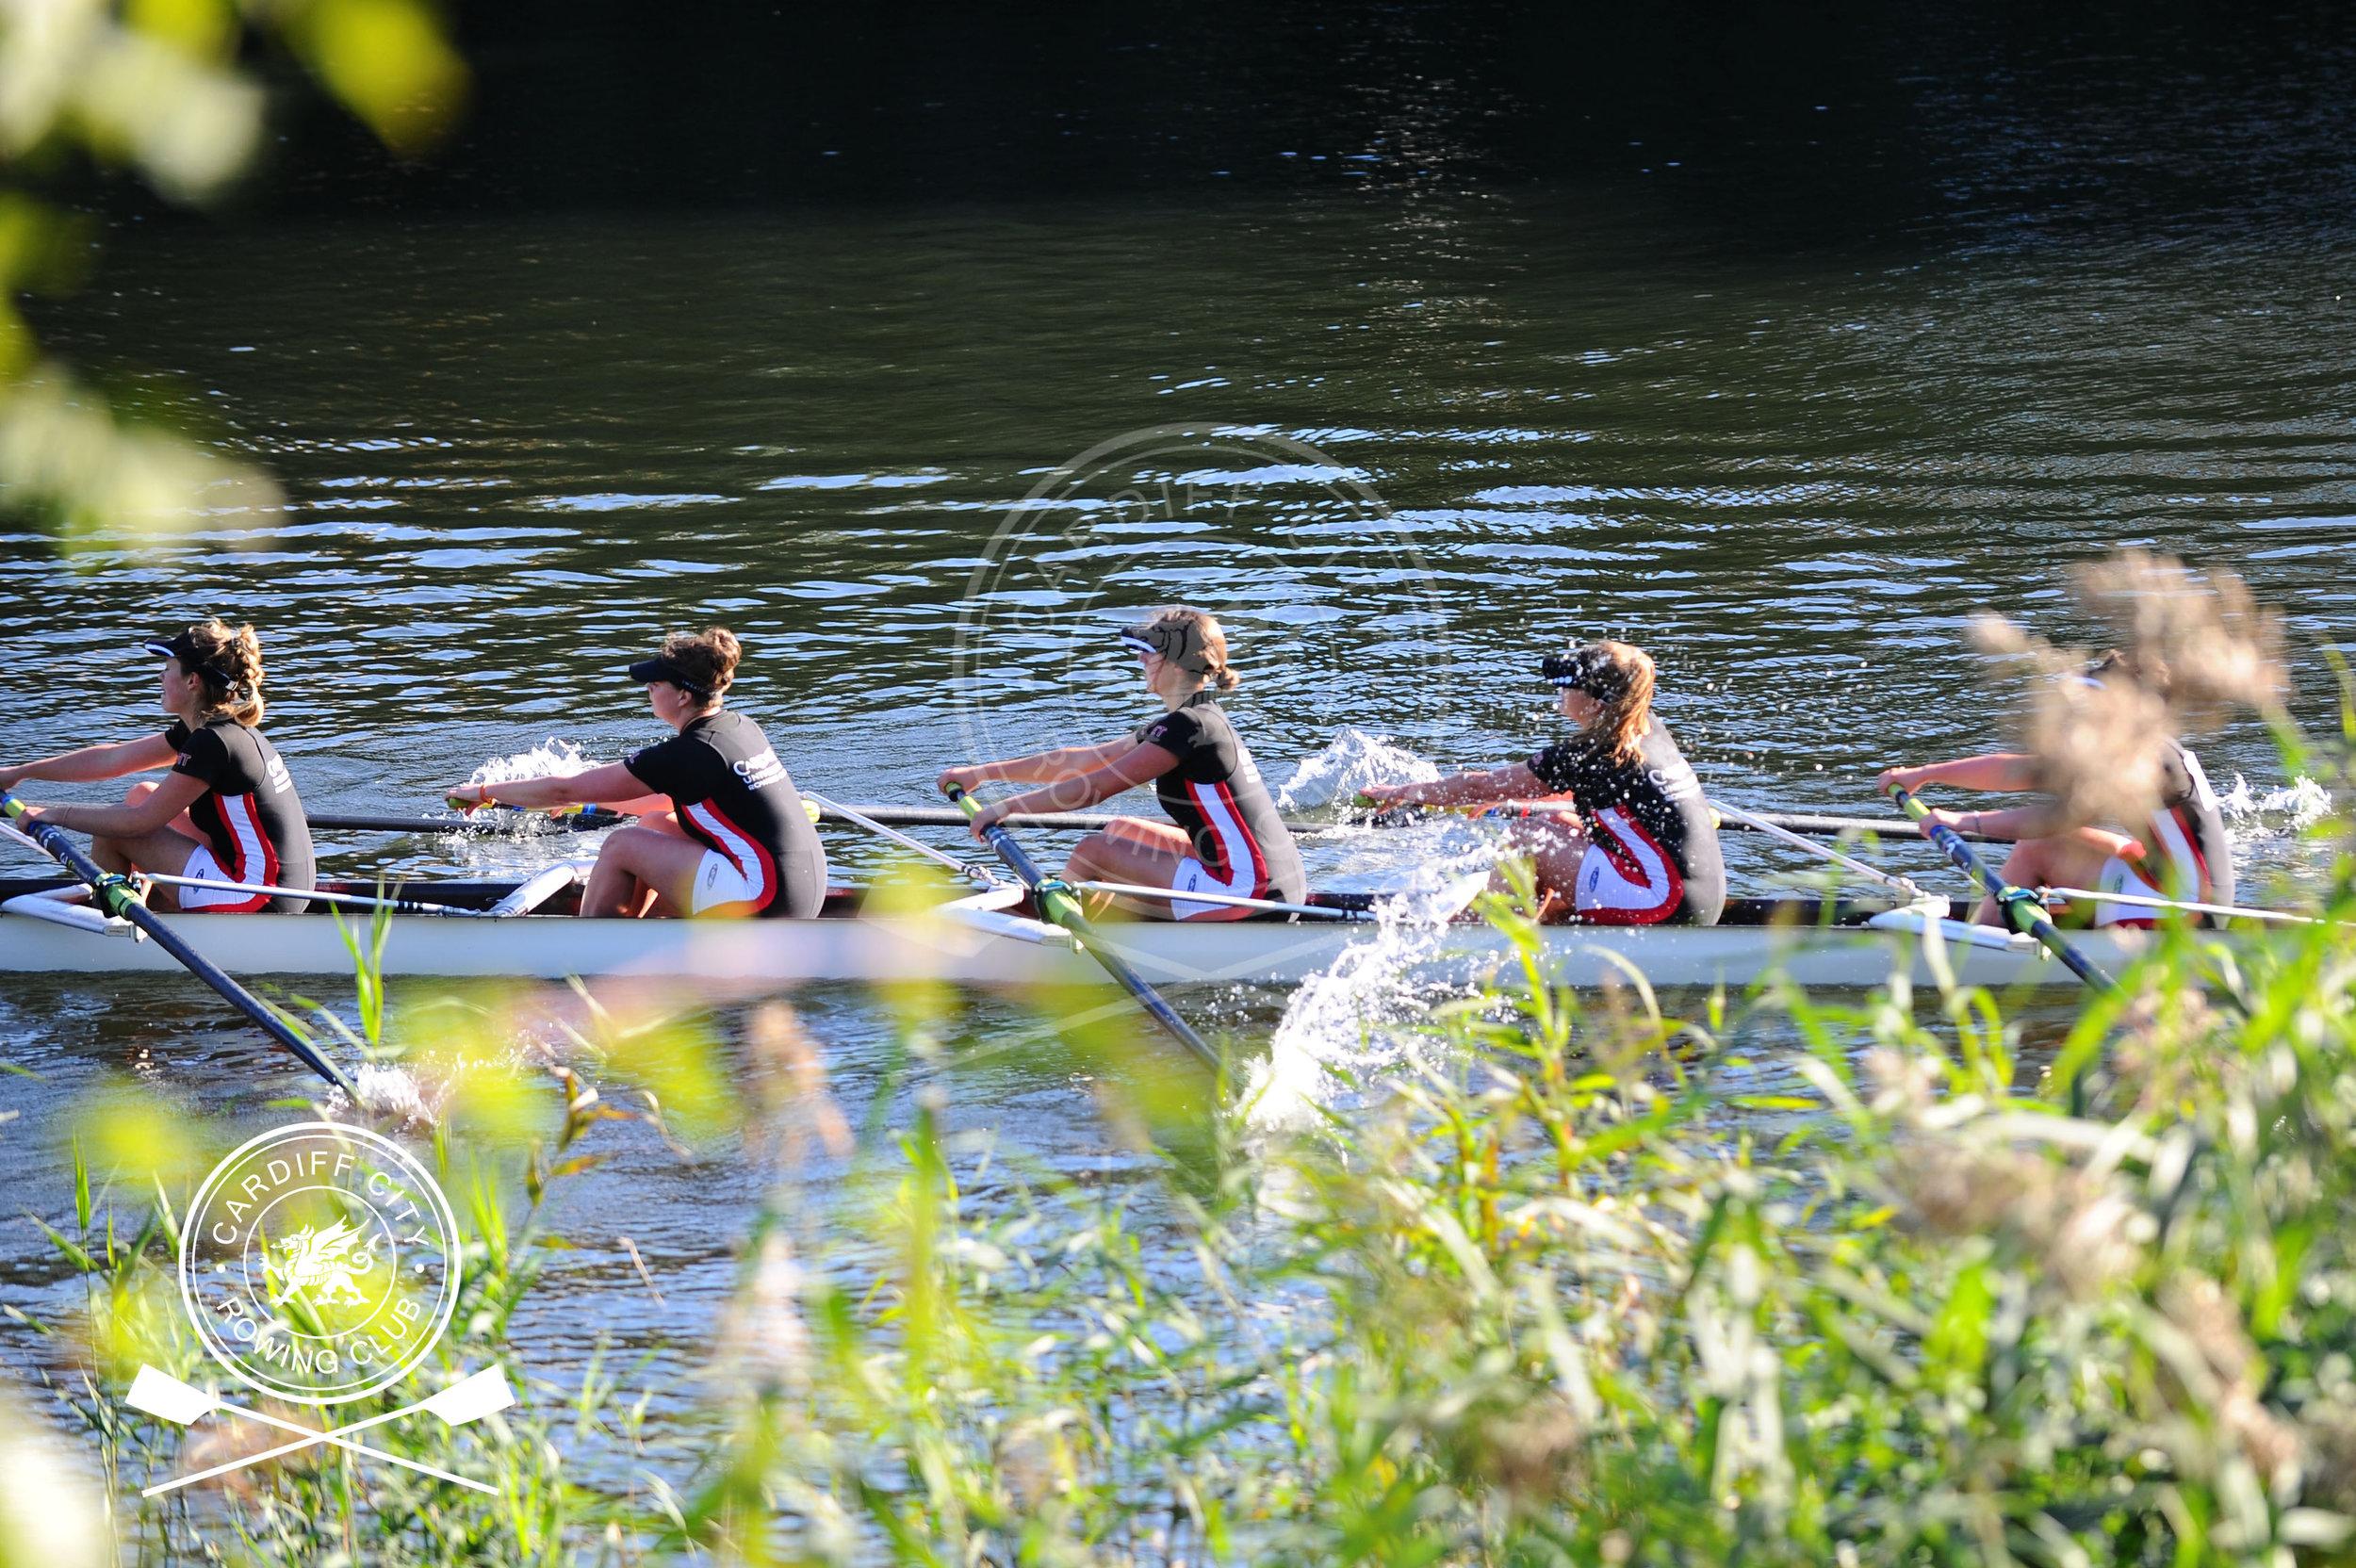 Cardiff_City_Head_Race_23.jpg